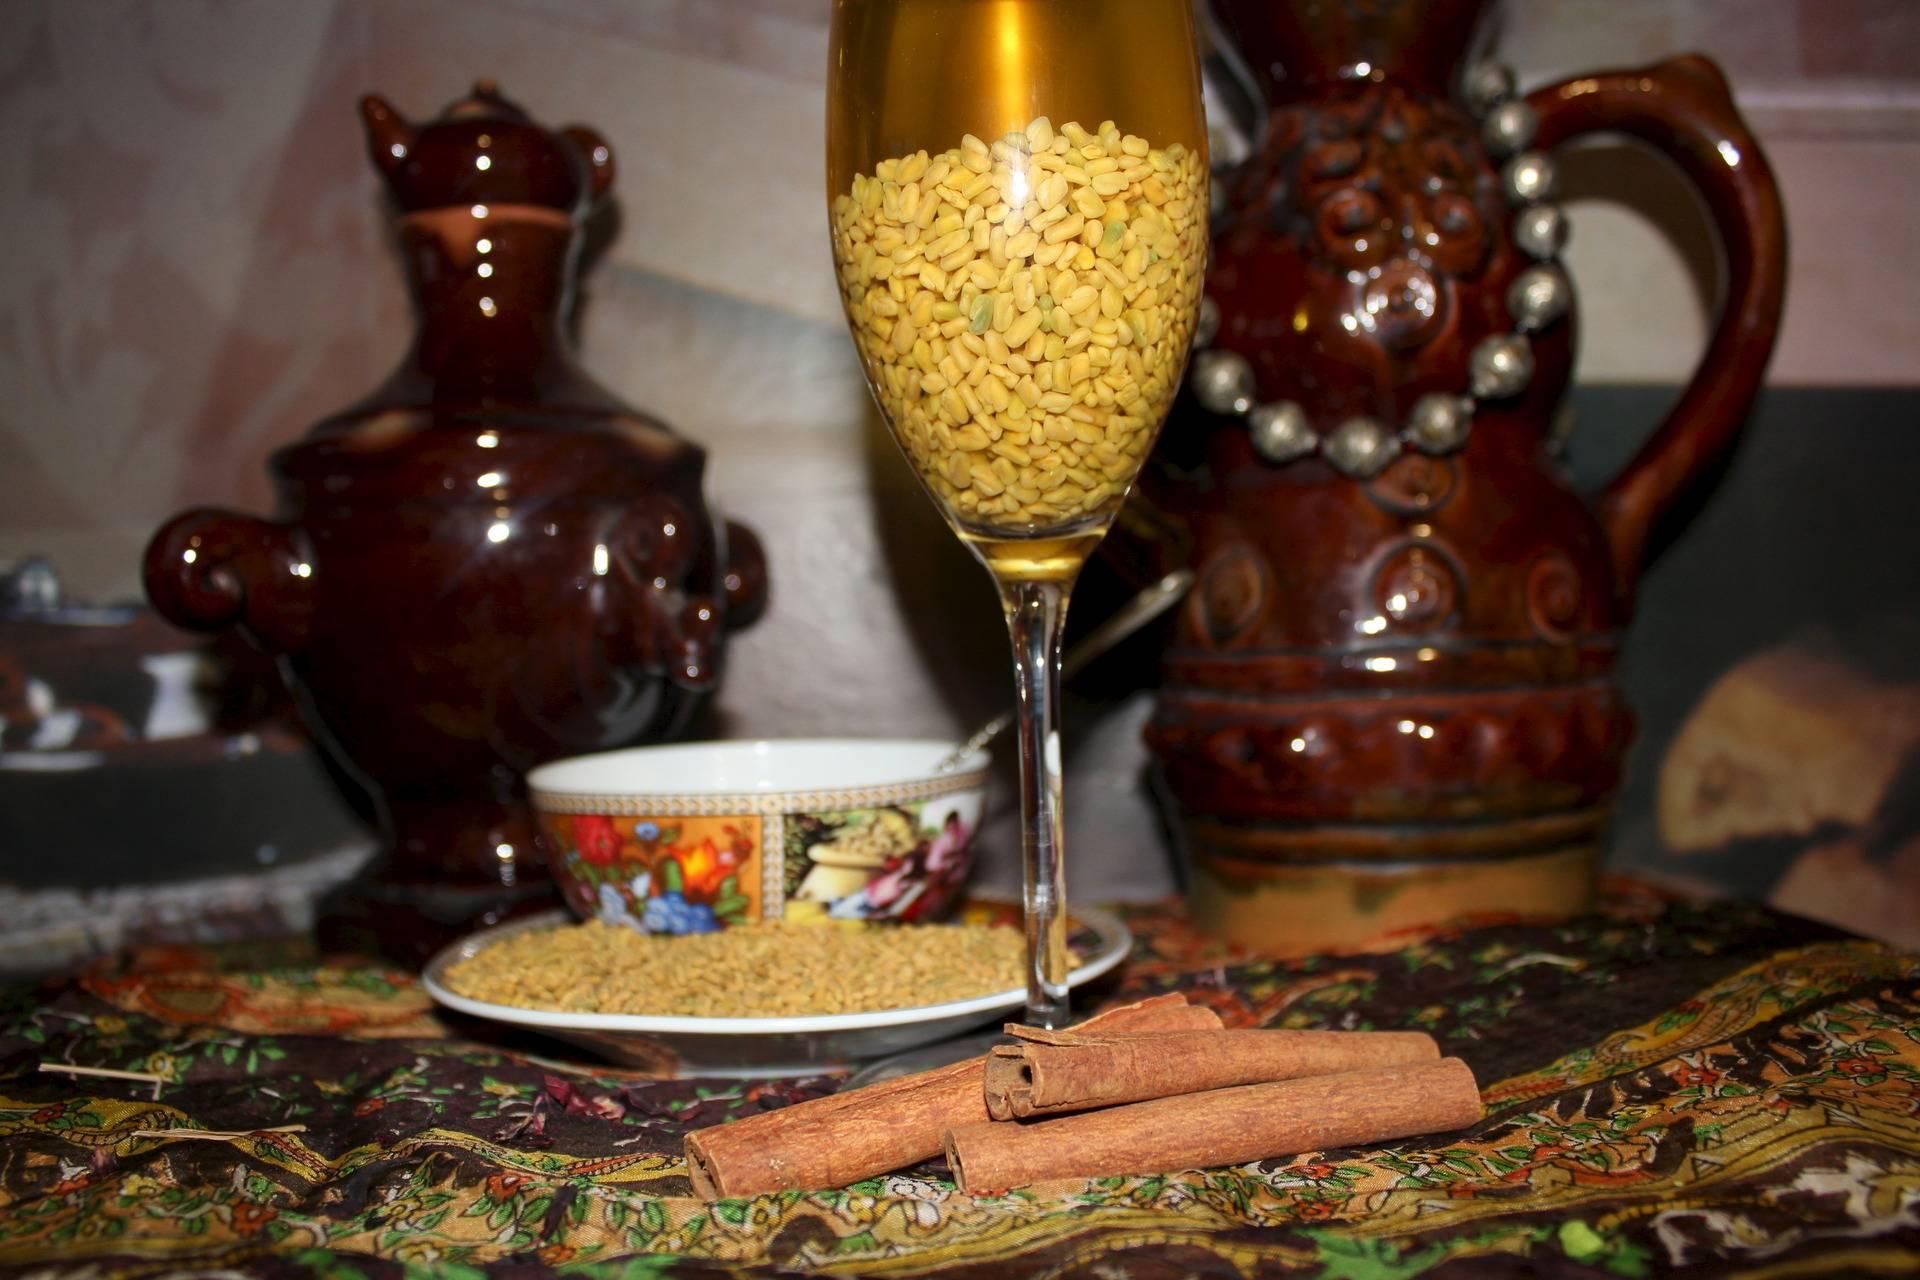 Синий чай из тайланда (анчан): полезные свойства для мужчин и женщин, противопоказания к употреблению